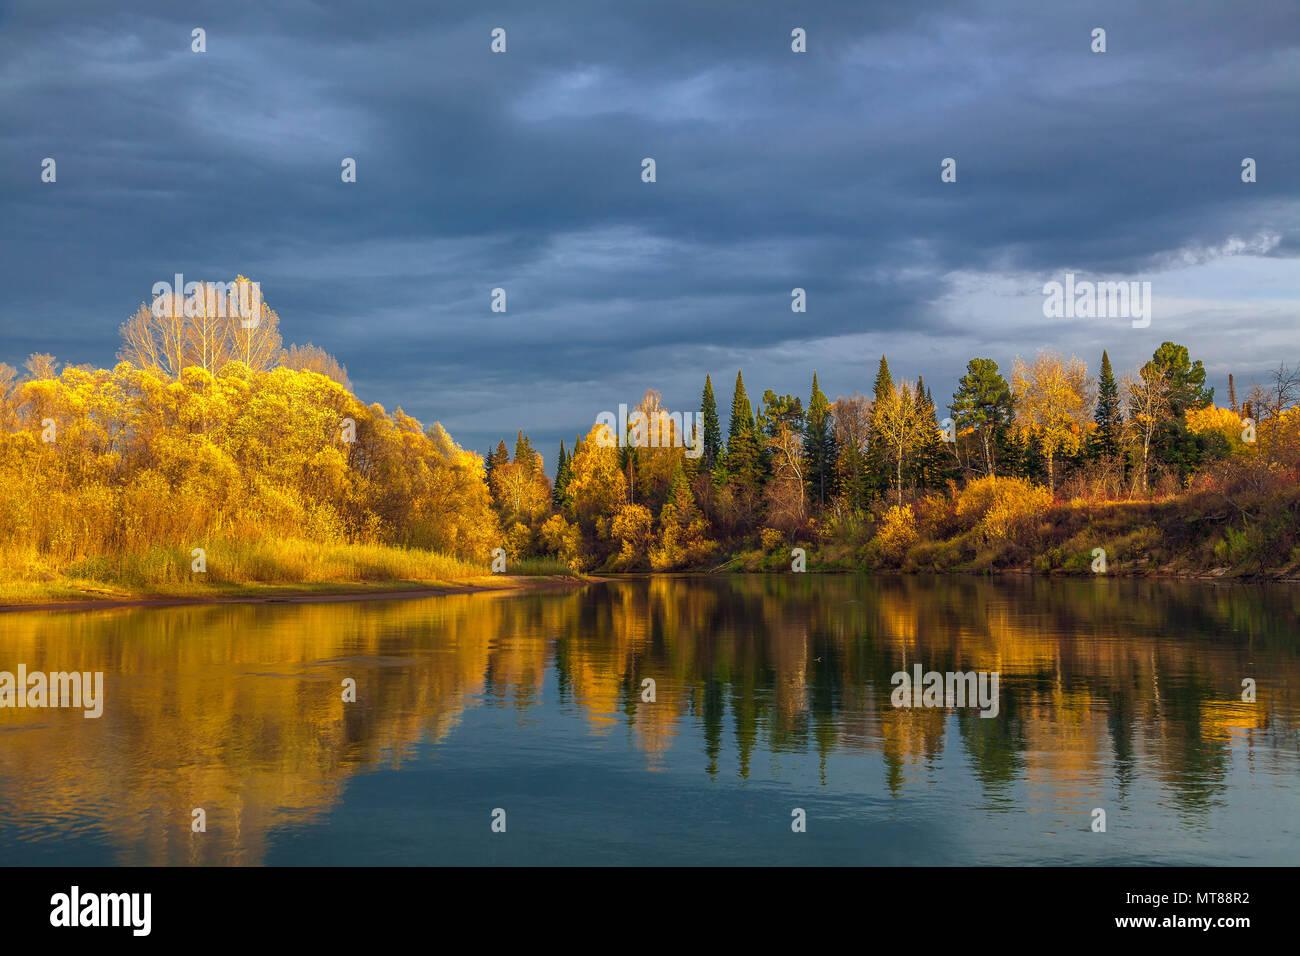 Autumn in Siberia - Stock Image